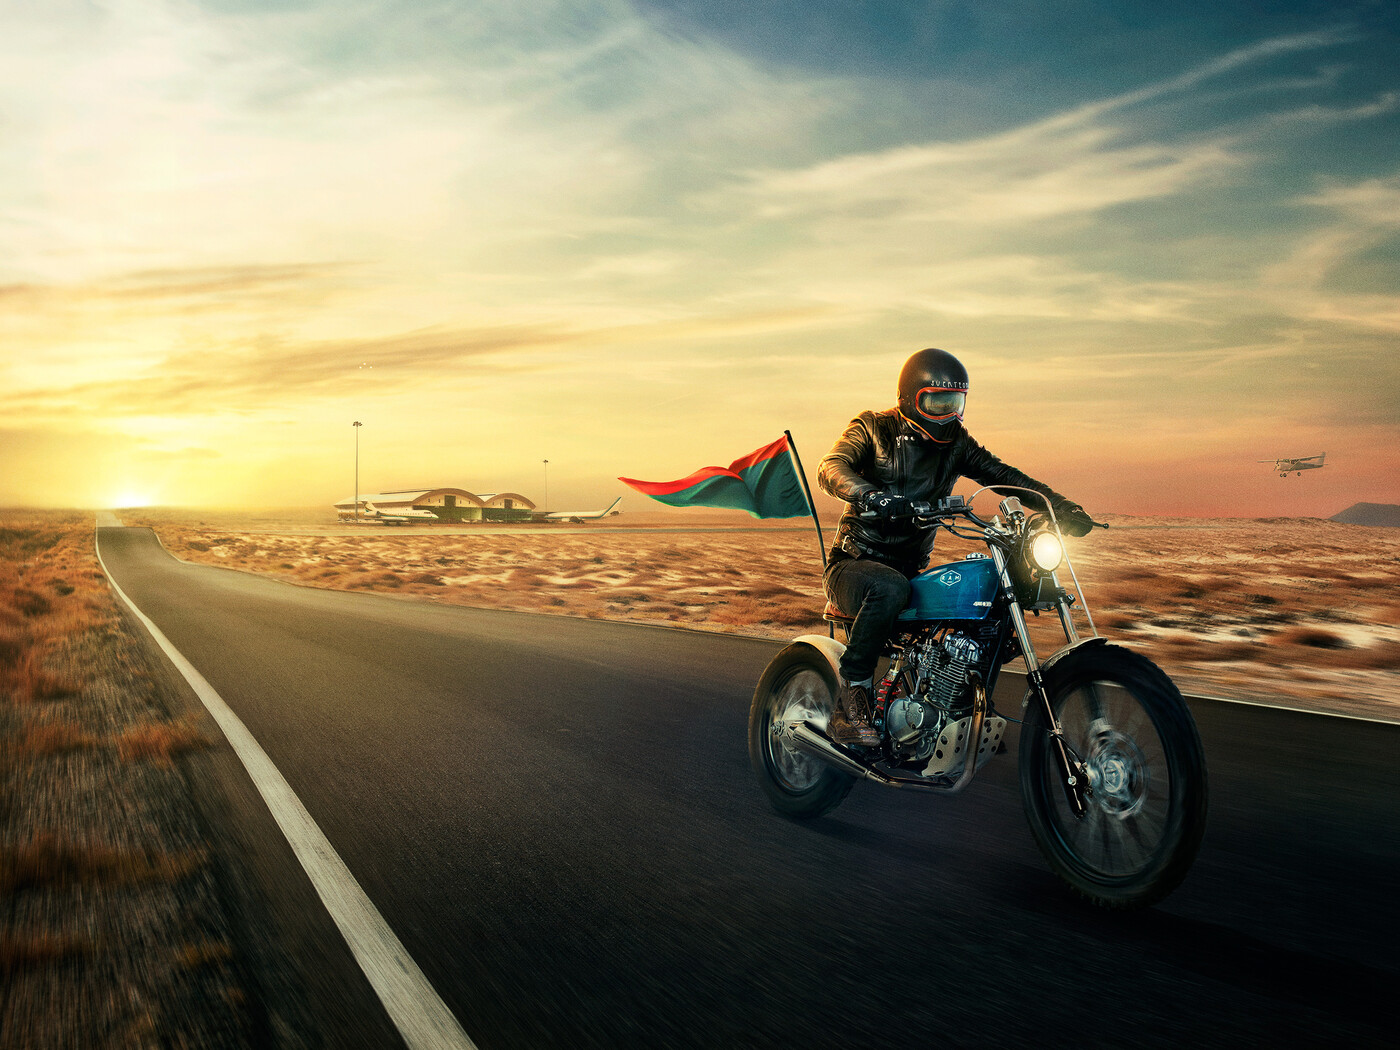 ram-custom-bike-4v.jpg